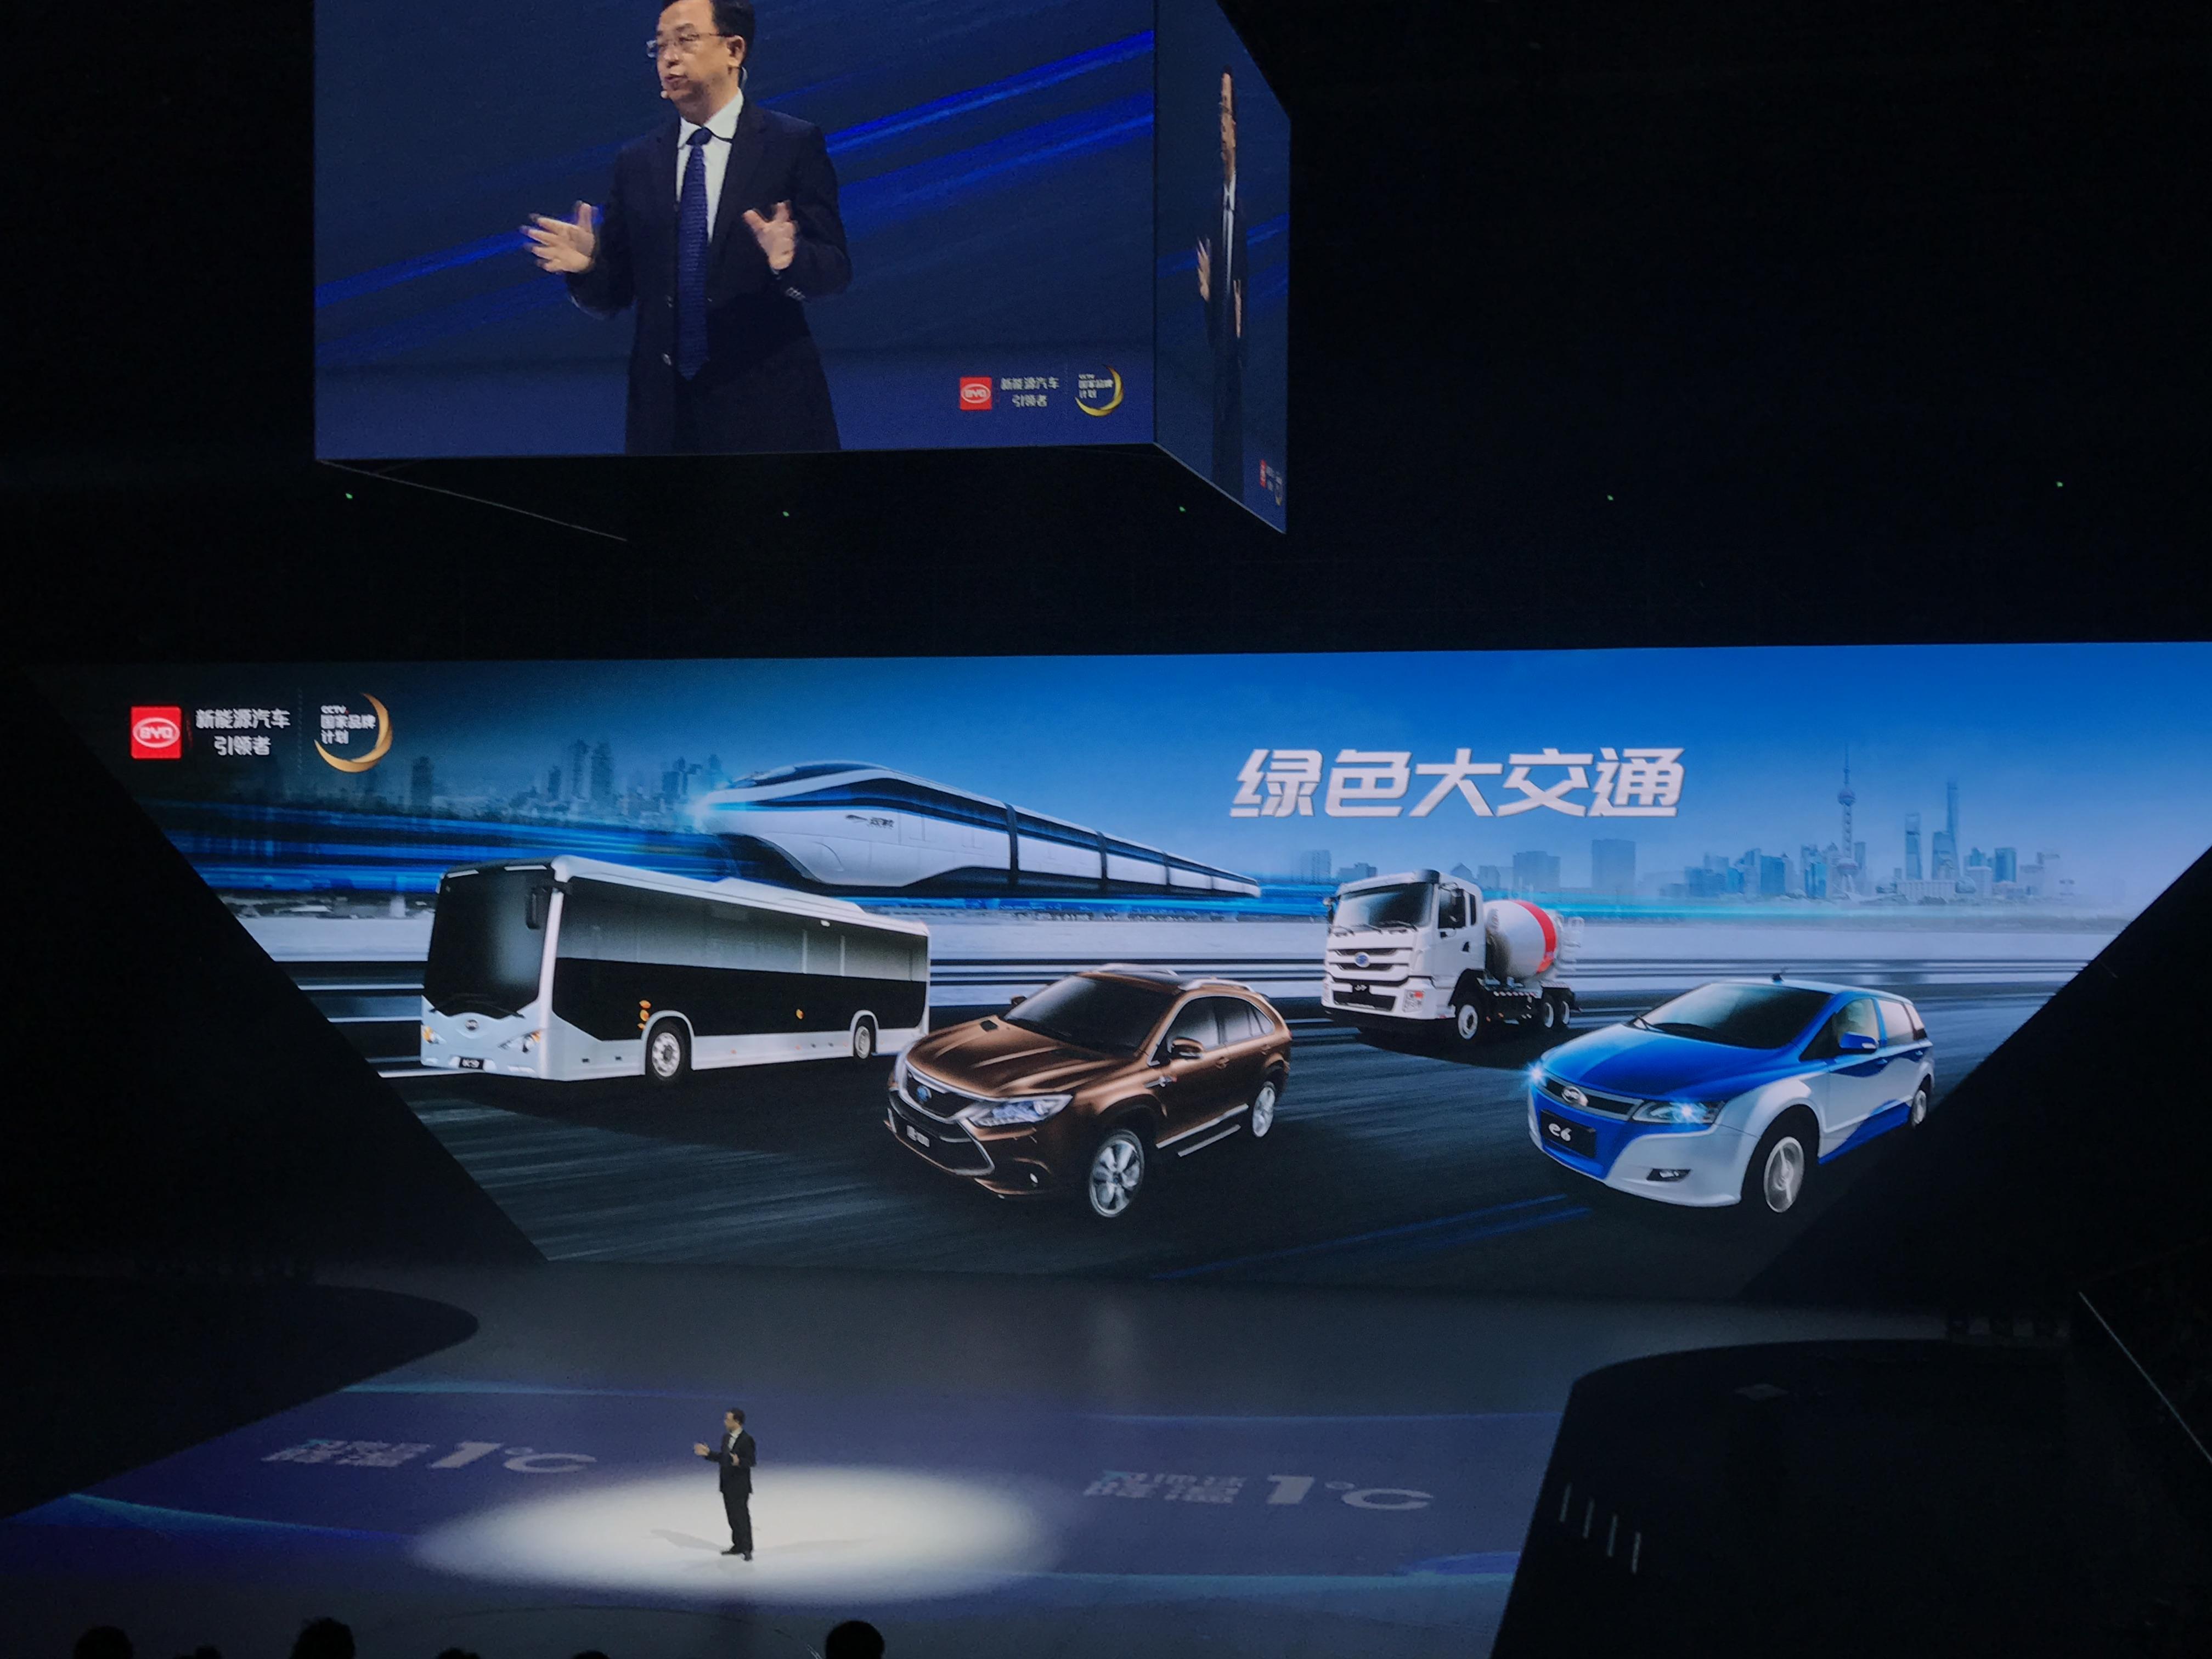 比亚迪发布电动车战略:中短期内混动车型是主流的照片